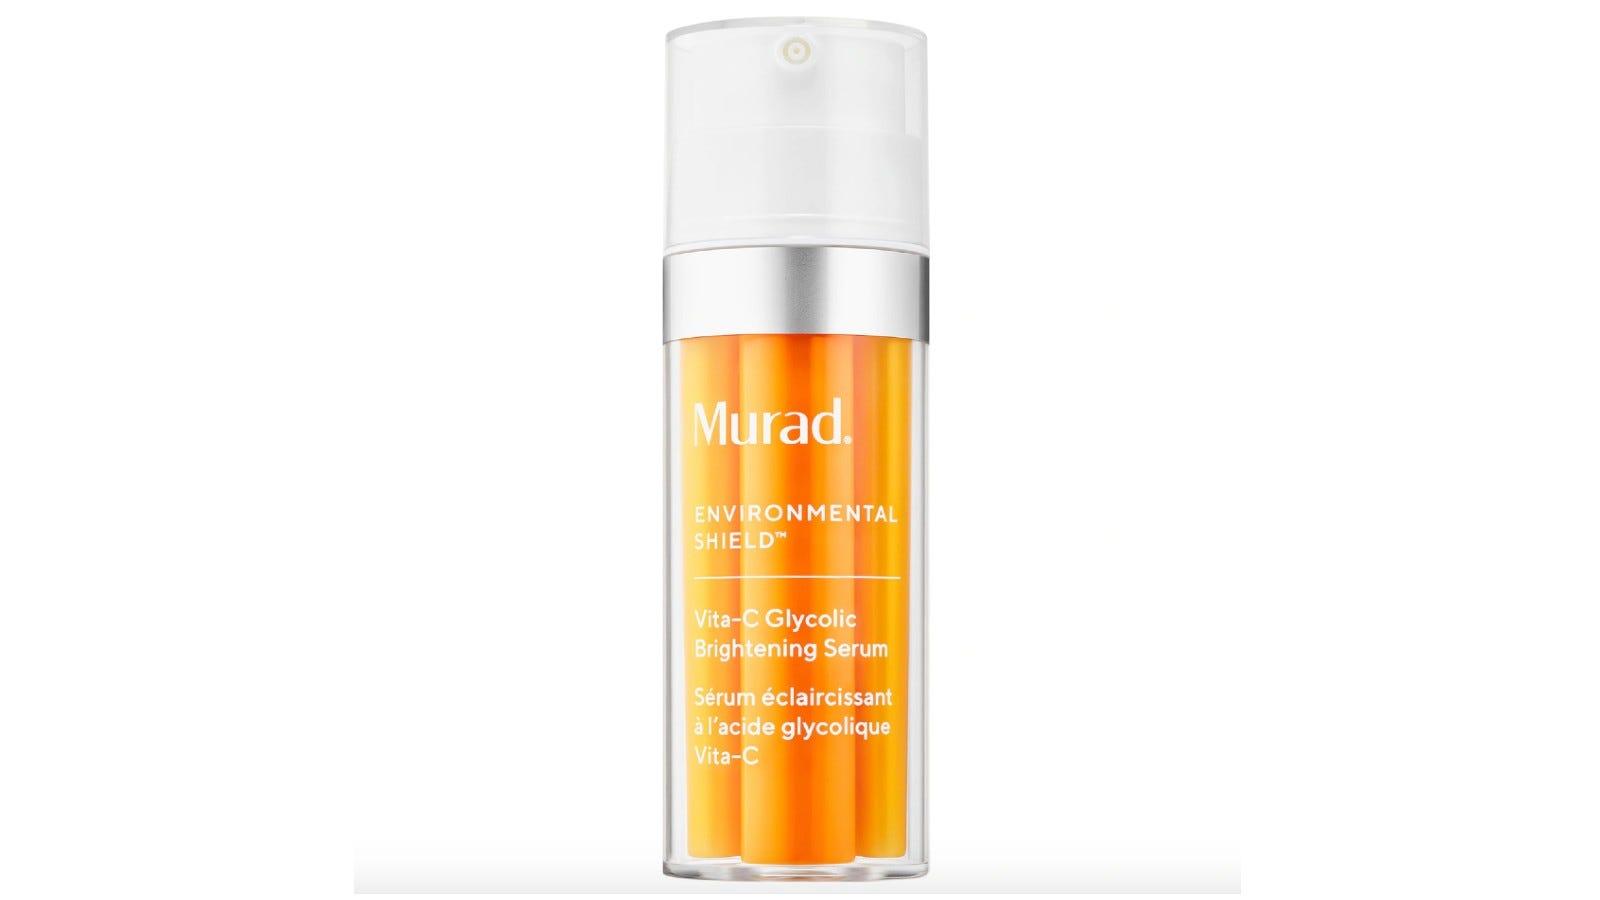 orange bottle of Murad serum